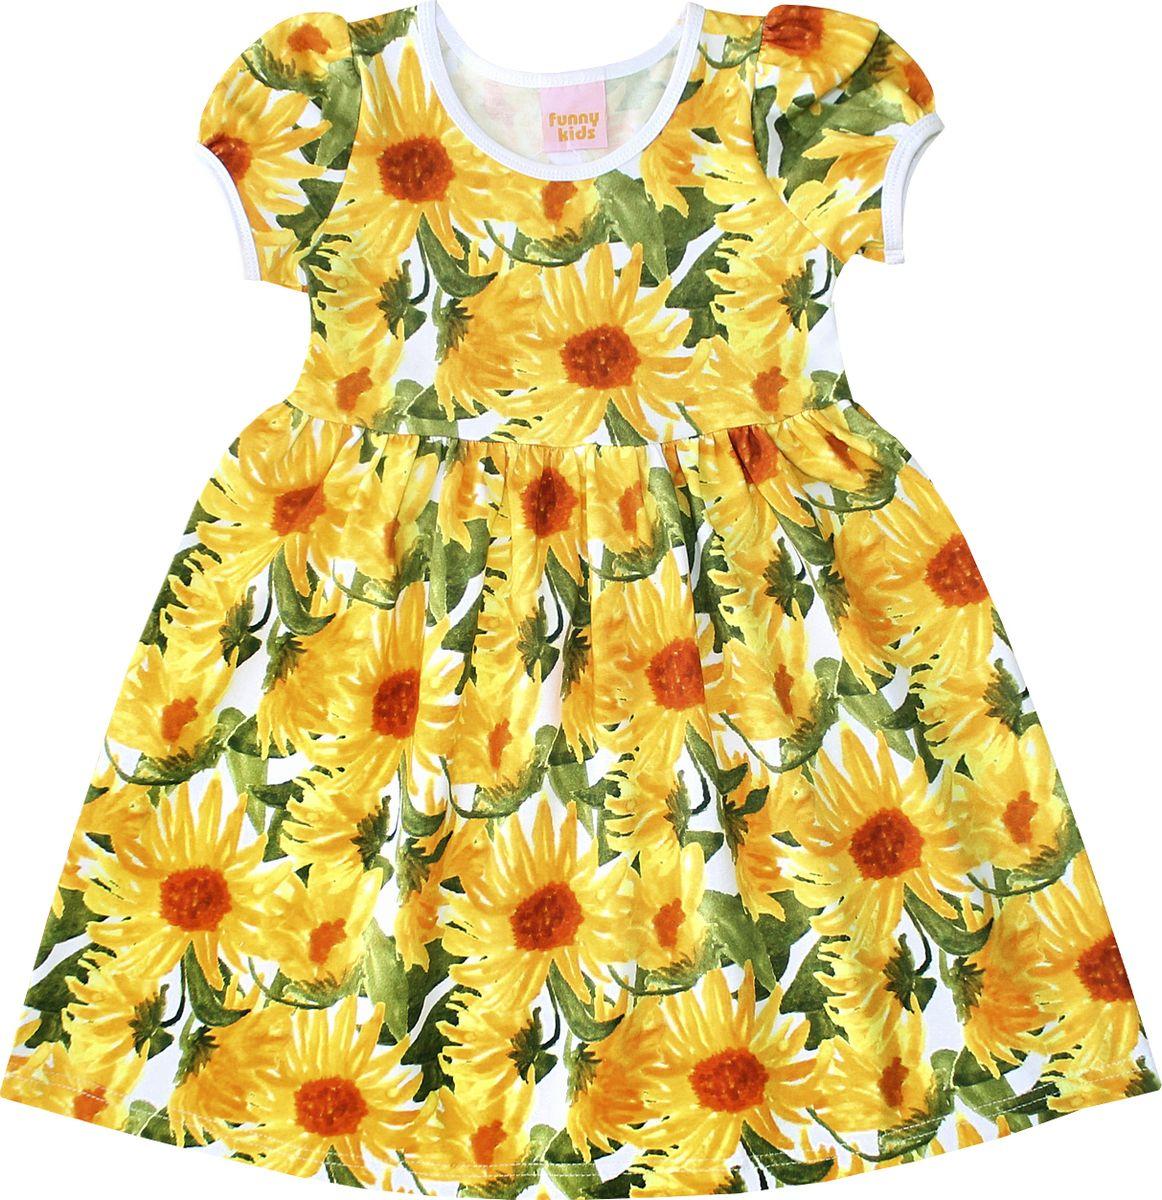 Платье для девочки Веселый малыш Маргарита, цвет: желтый. 349172-L (1)_подсолнухи. Размер 122 стоимость